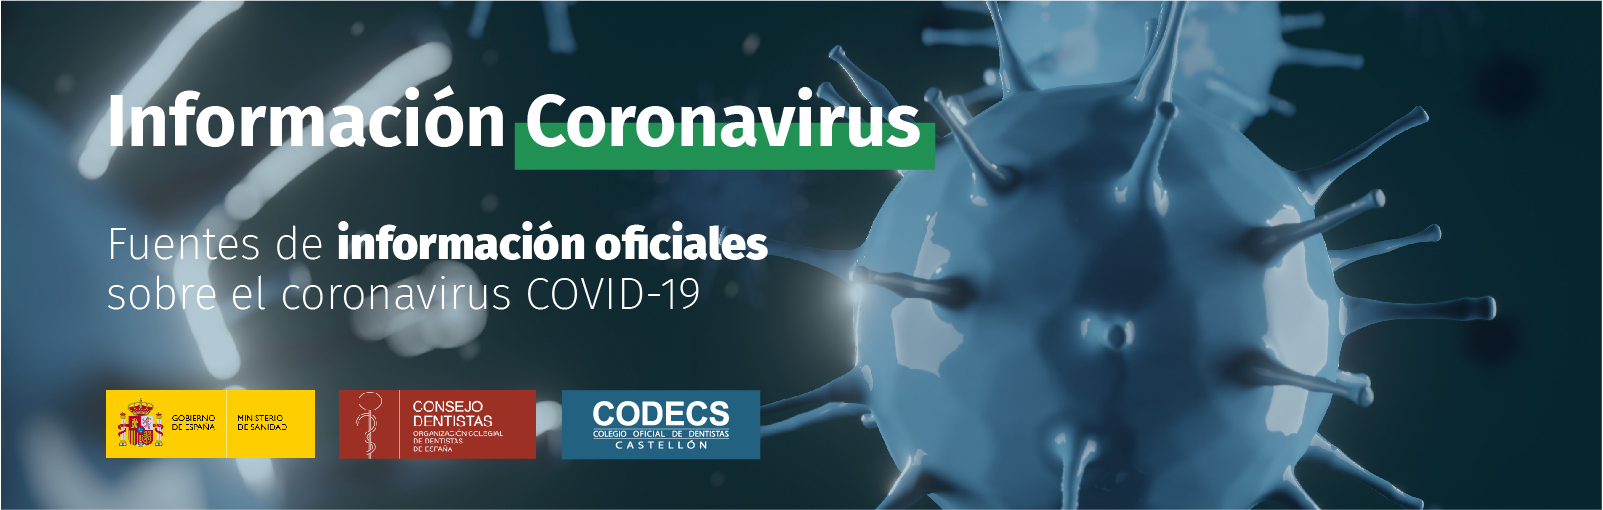 Coronavirus-02-1